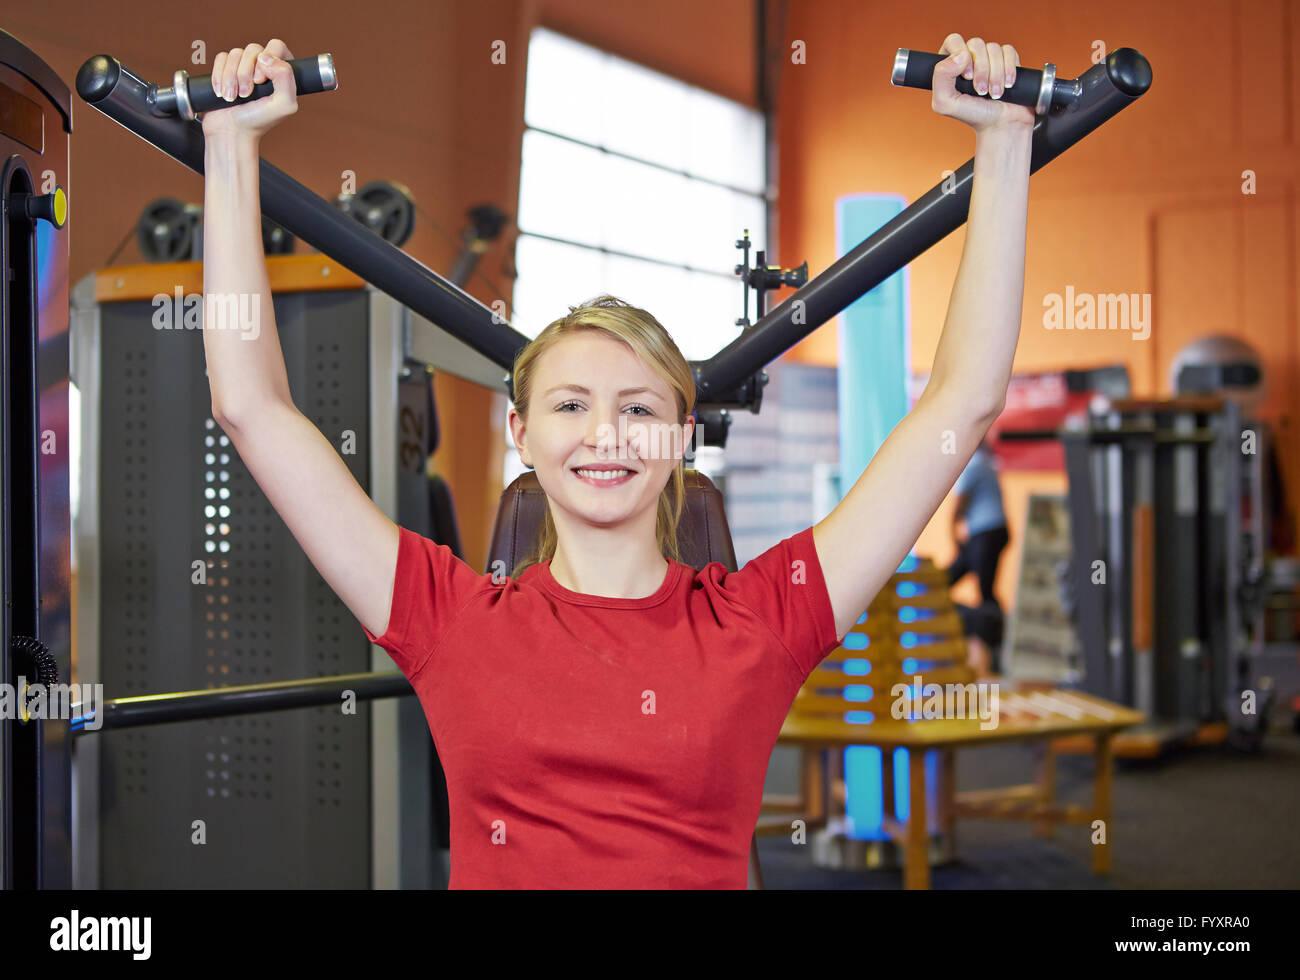 Beliebt Bevorzugt Lächelnde Frau Rücken Übungen im Fitness-Club auf einer &UT_59